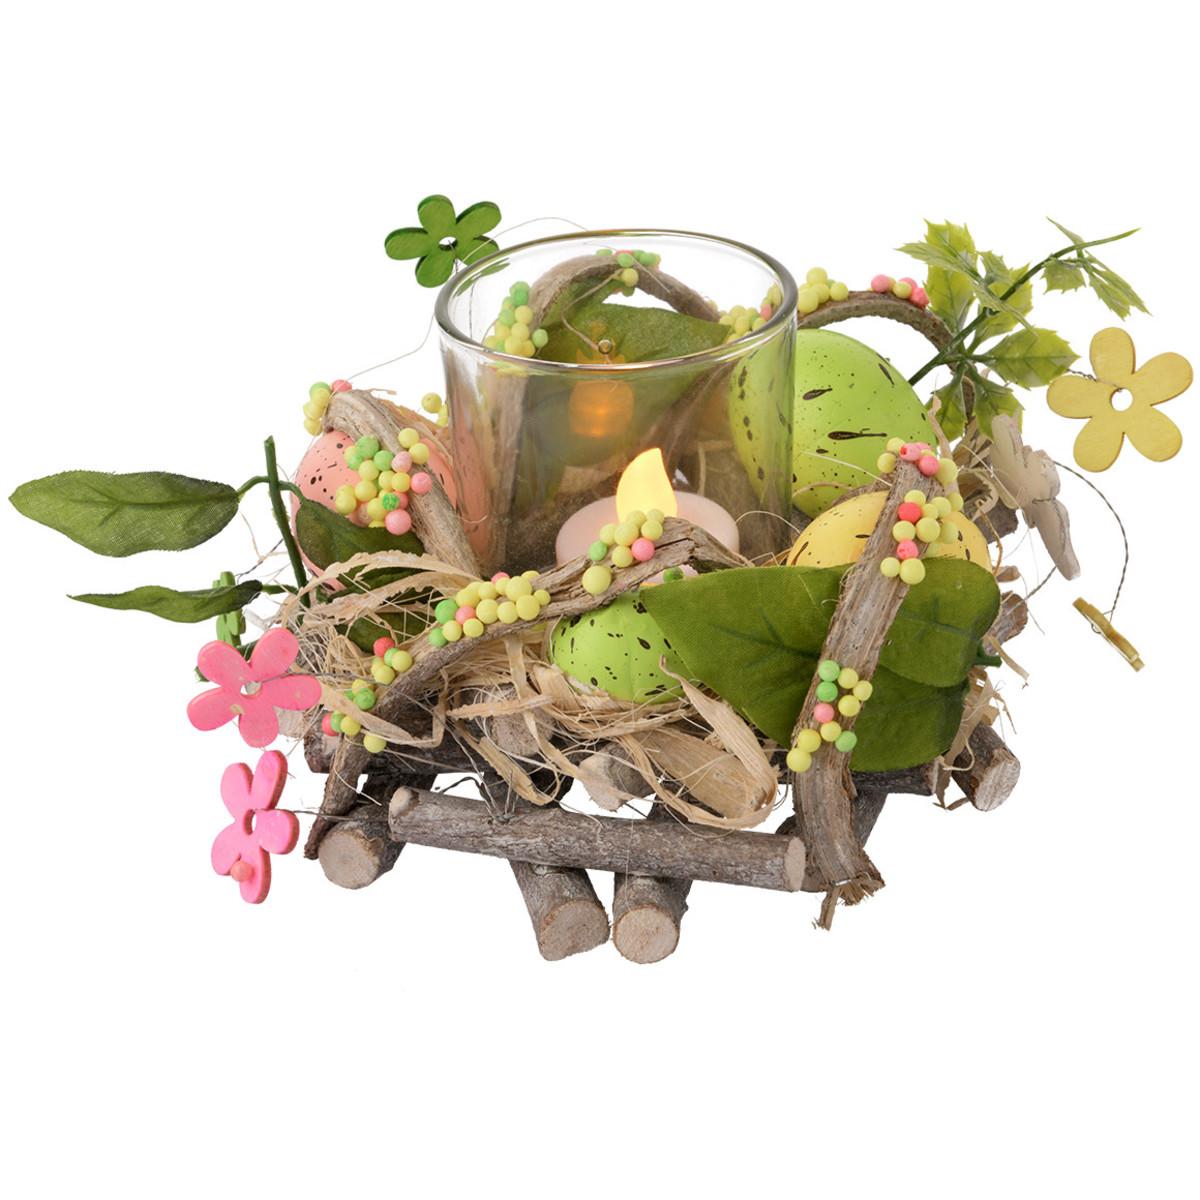 Bild 2 von Deko-Kranz mit Teelichthalter